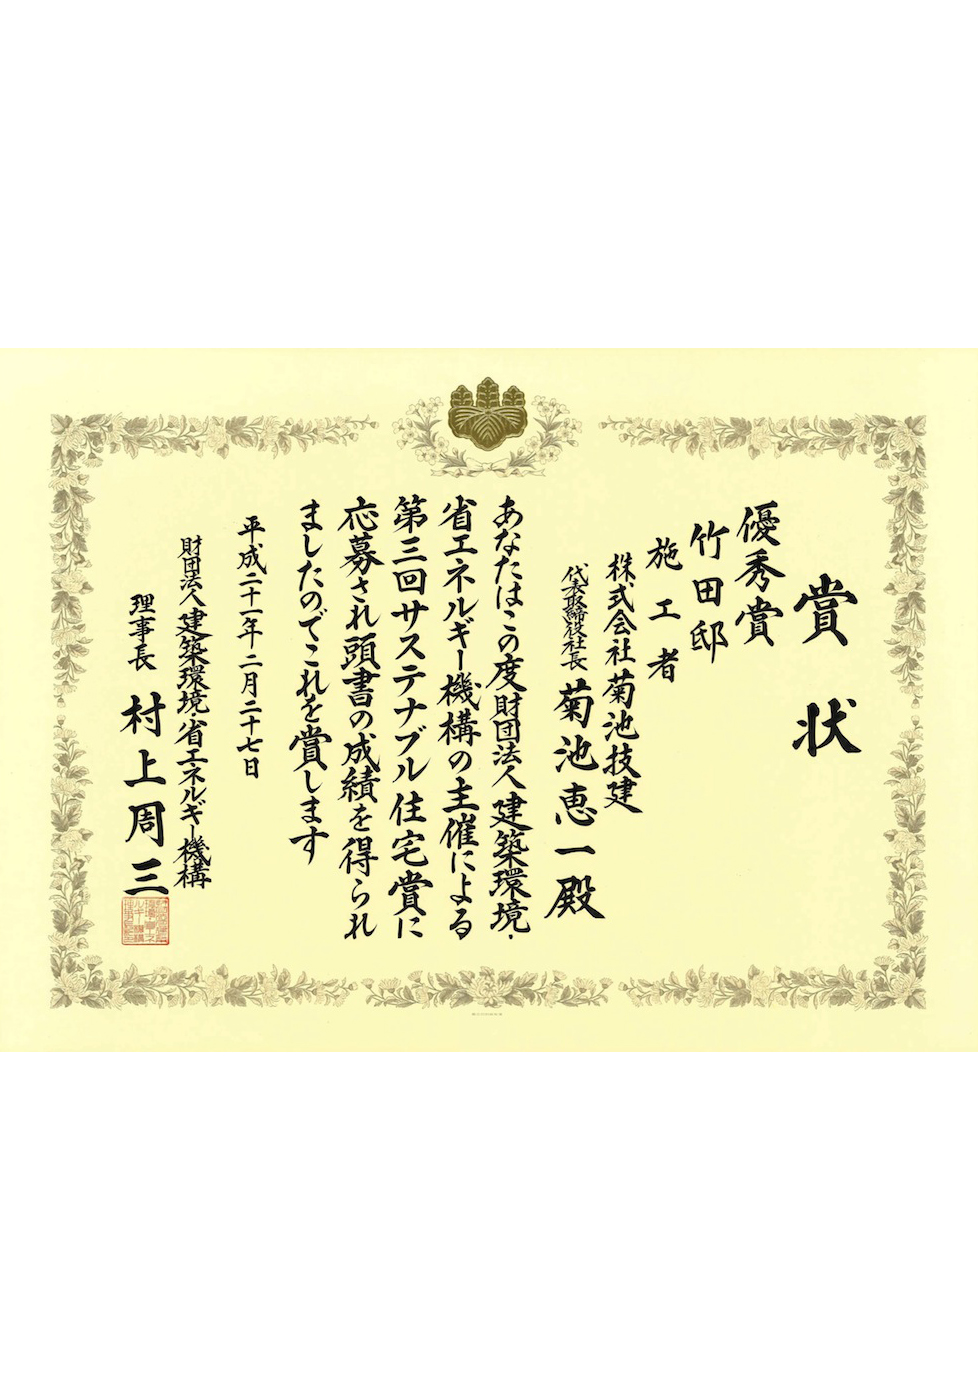 サステナブル住宅賞